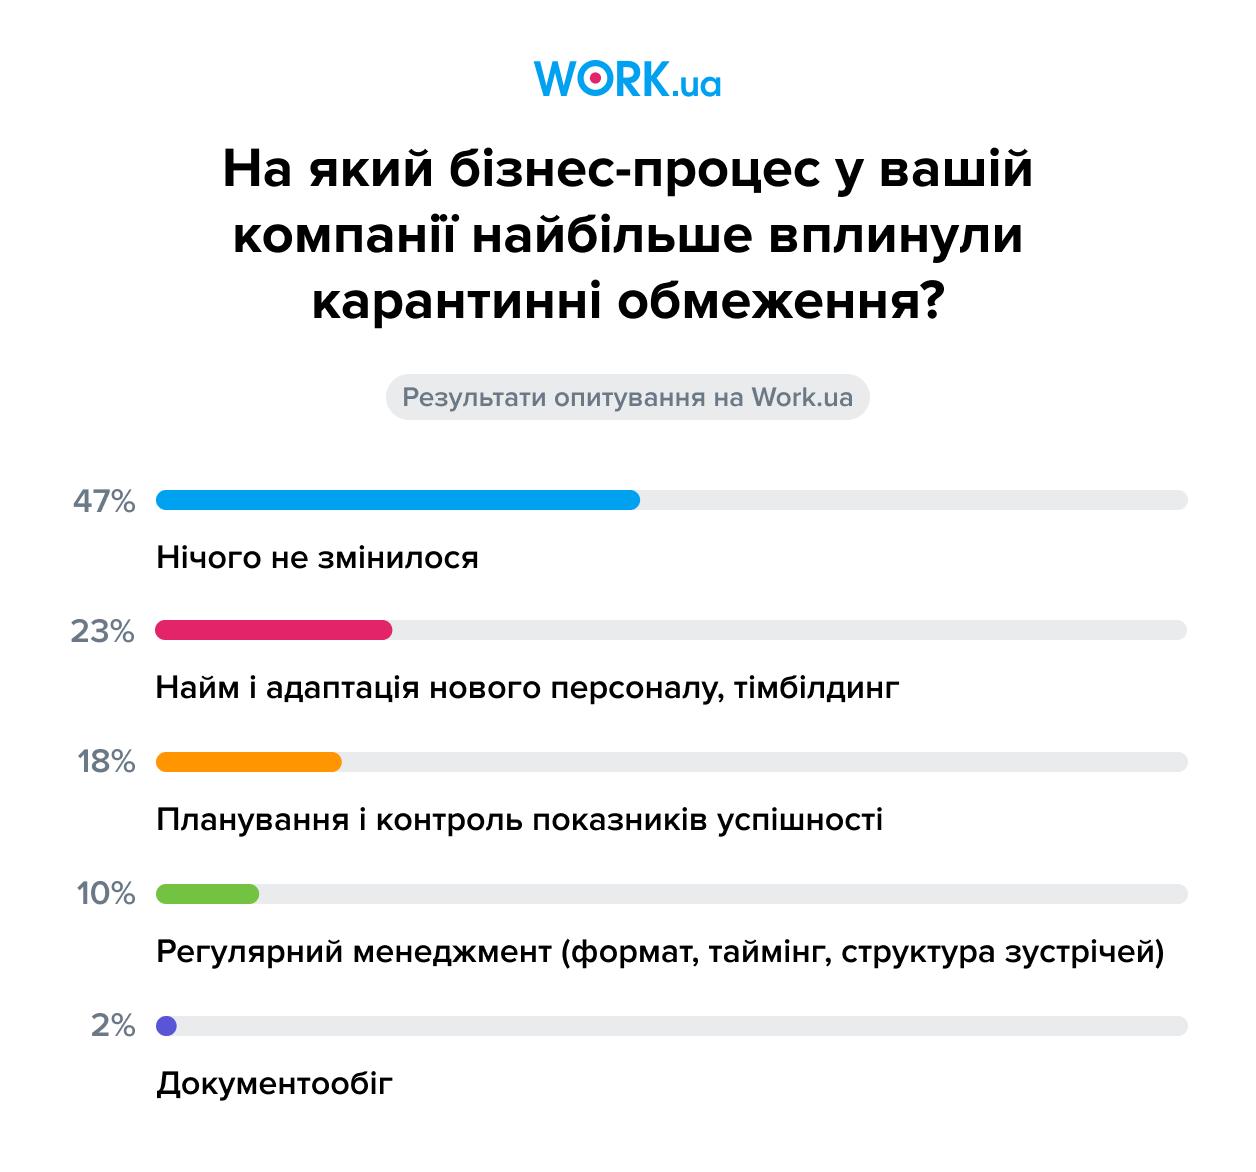 Опитування проводилося у вересніі 2020. У ньому взяли участь 249 респондентів.